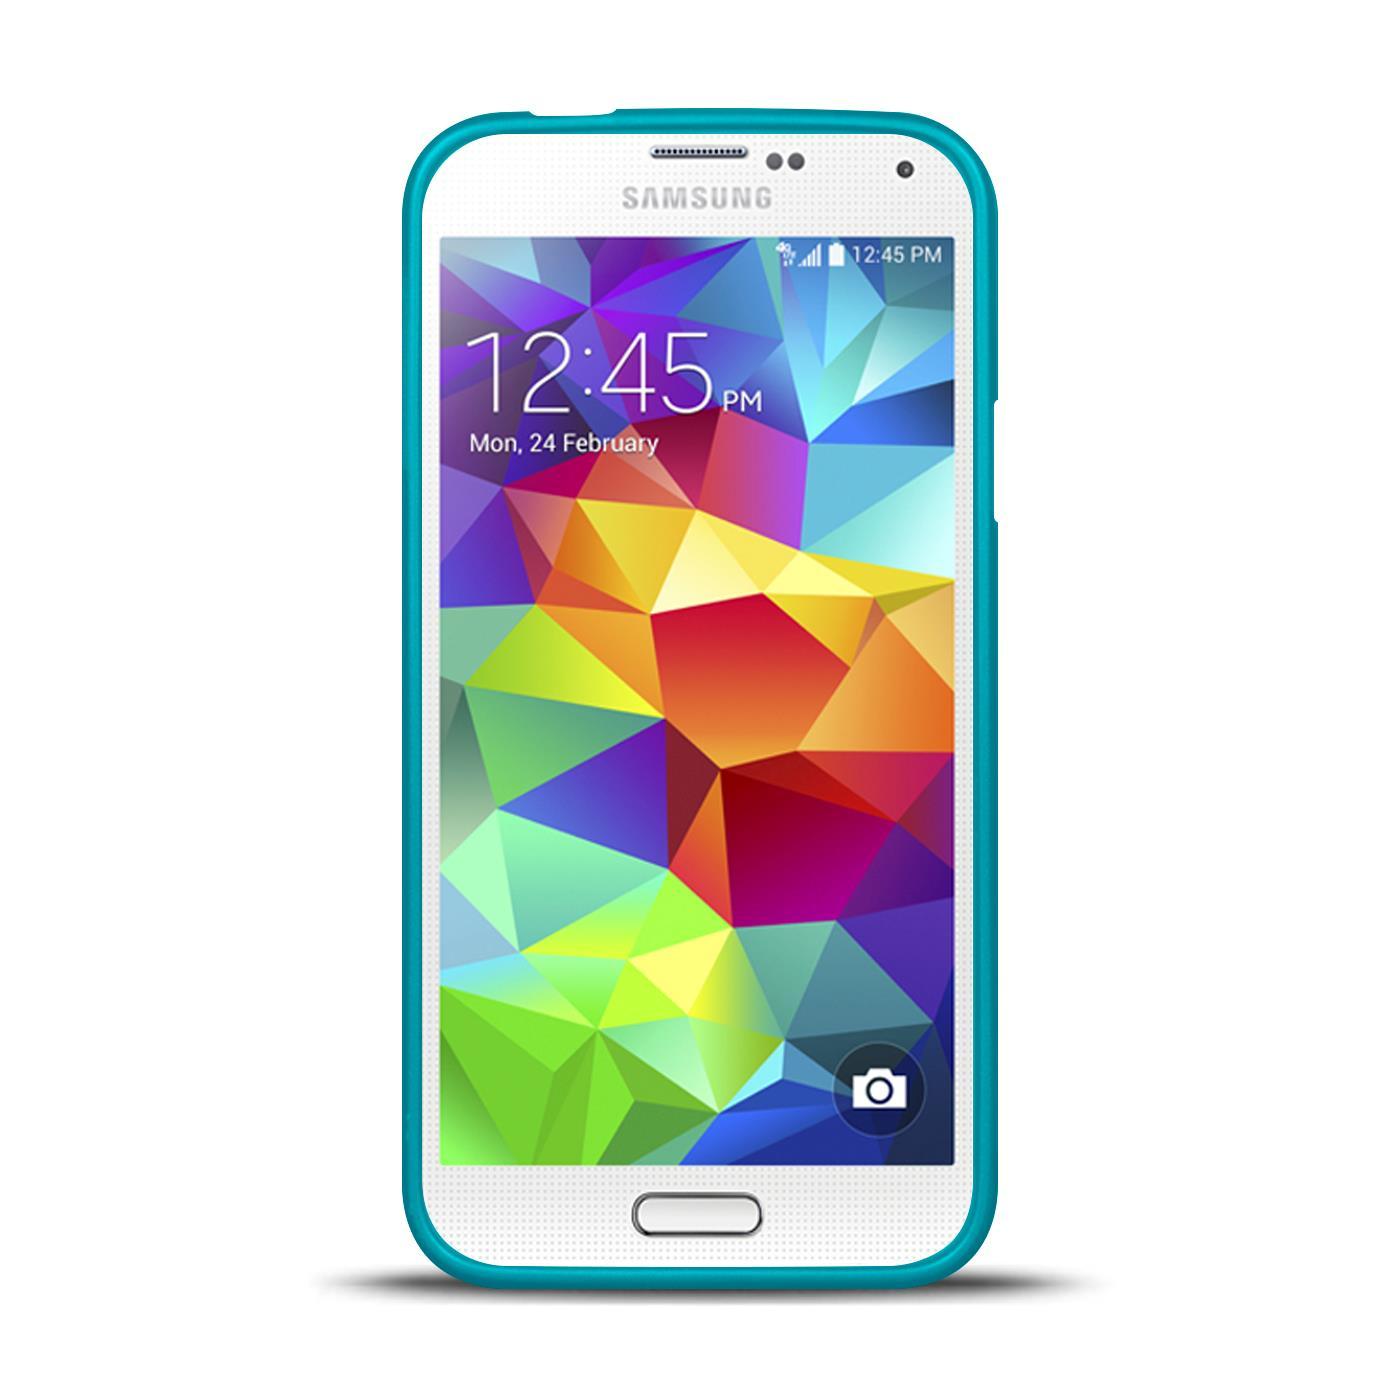 Silikon-Bumper-Case-Samsung-Galaxy-s5-Neo-duenne-ultra-slim-Stossfeste-Rueckschale Indexbild 11